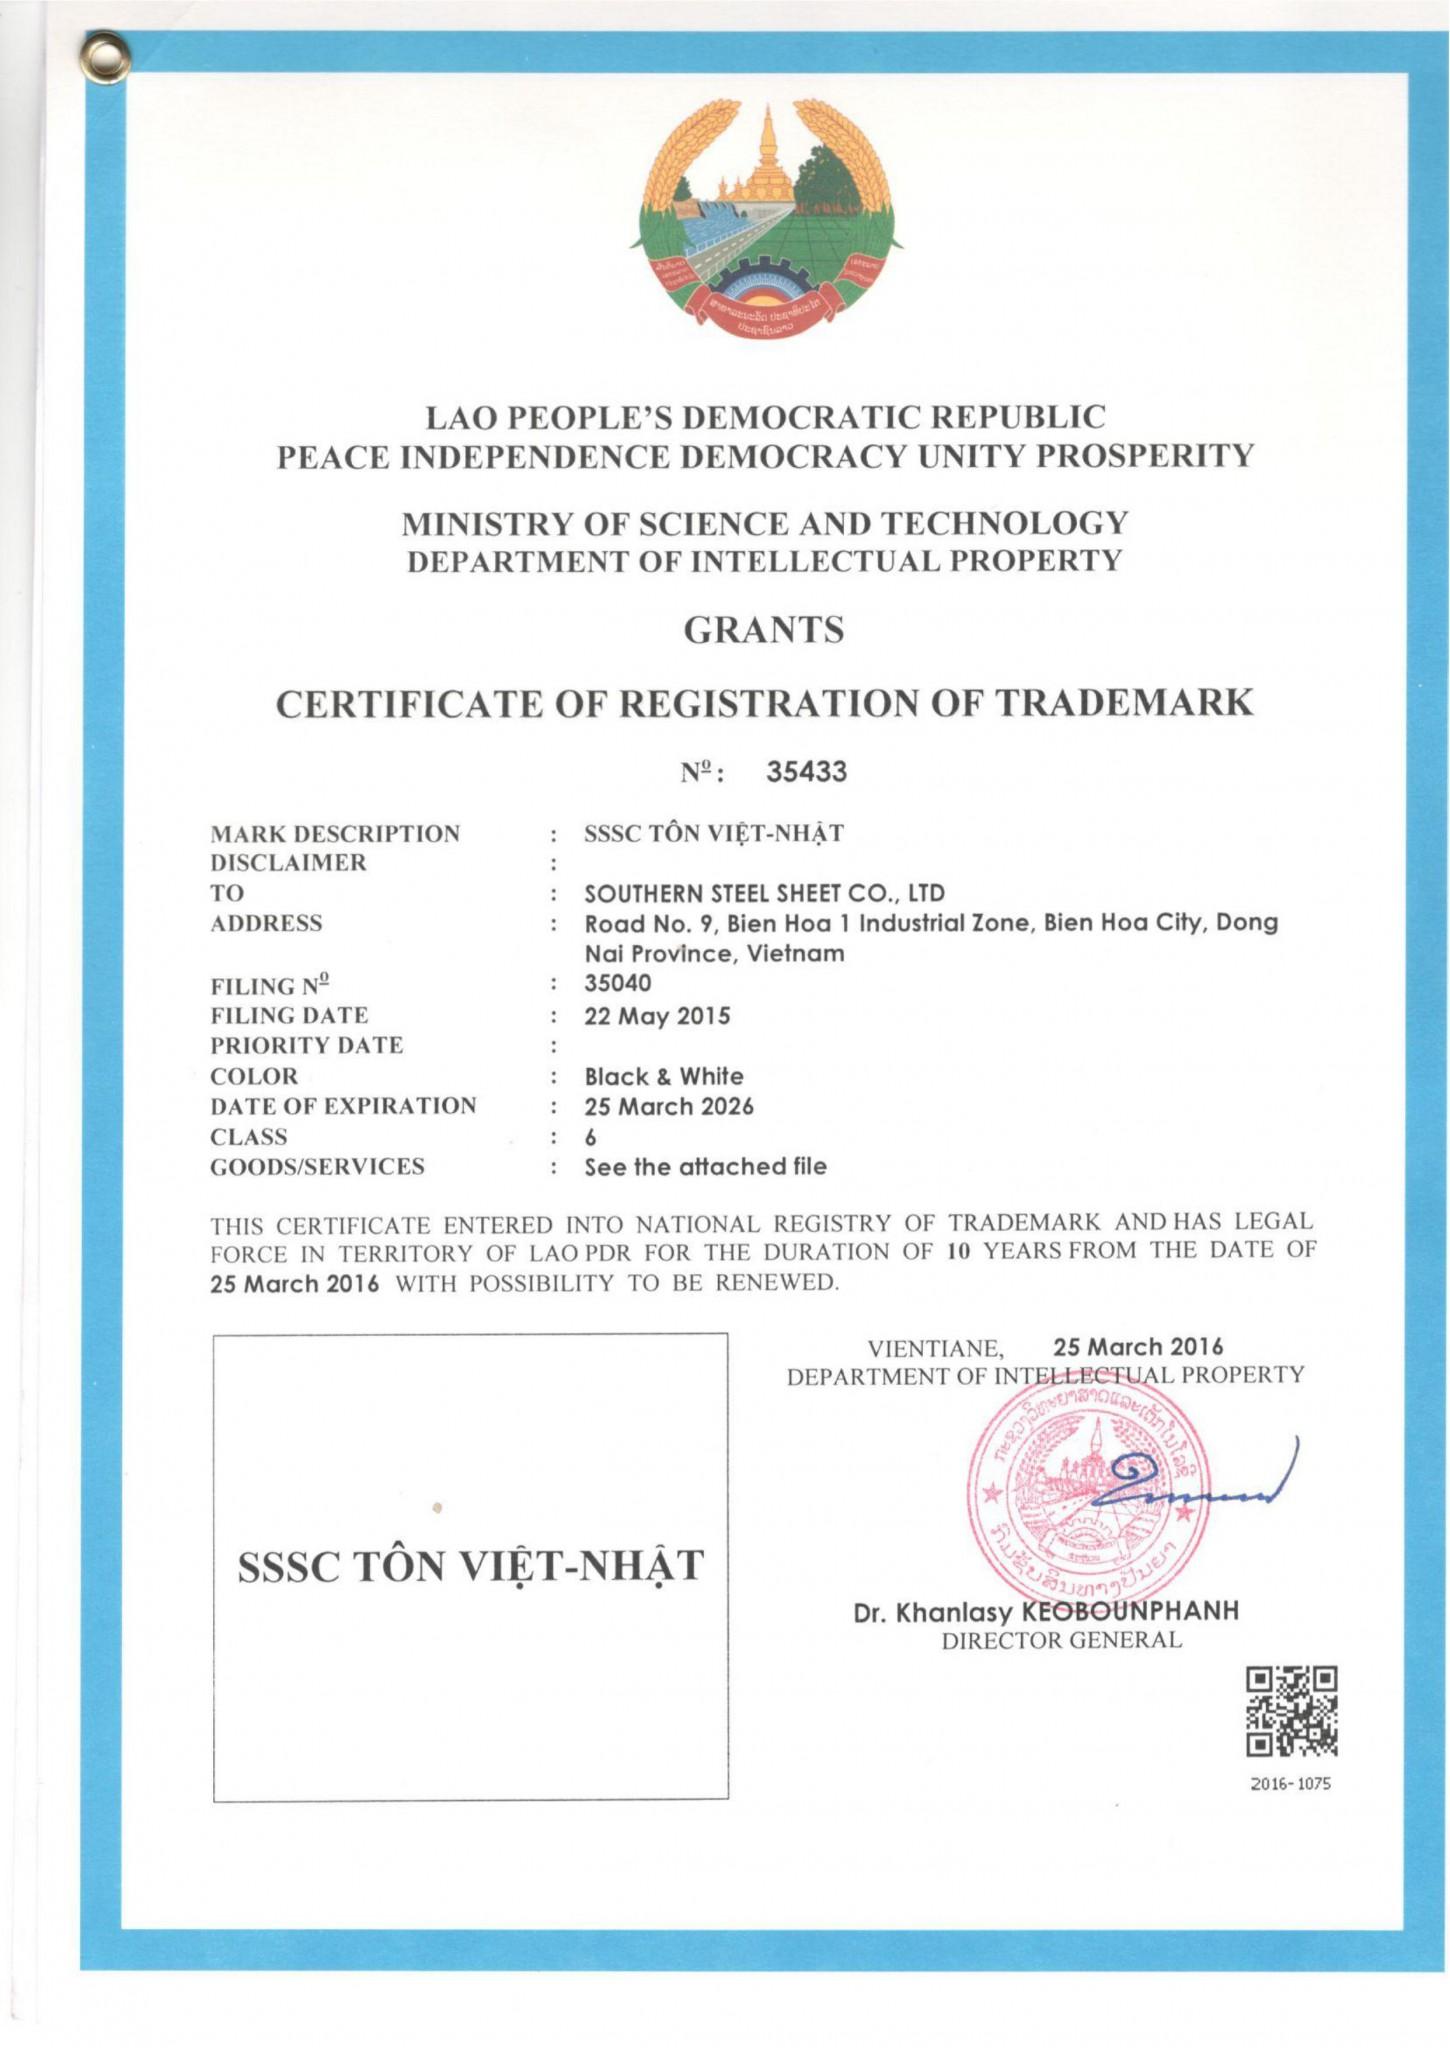 SB LAW đã tư vấn cho doanh nghiệp Việt Nam đăng ký thành công nhãn hiệu tại Lào